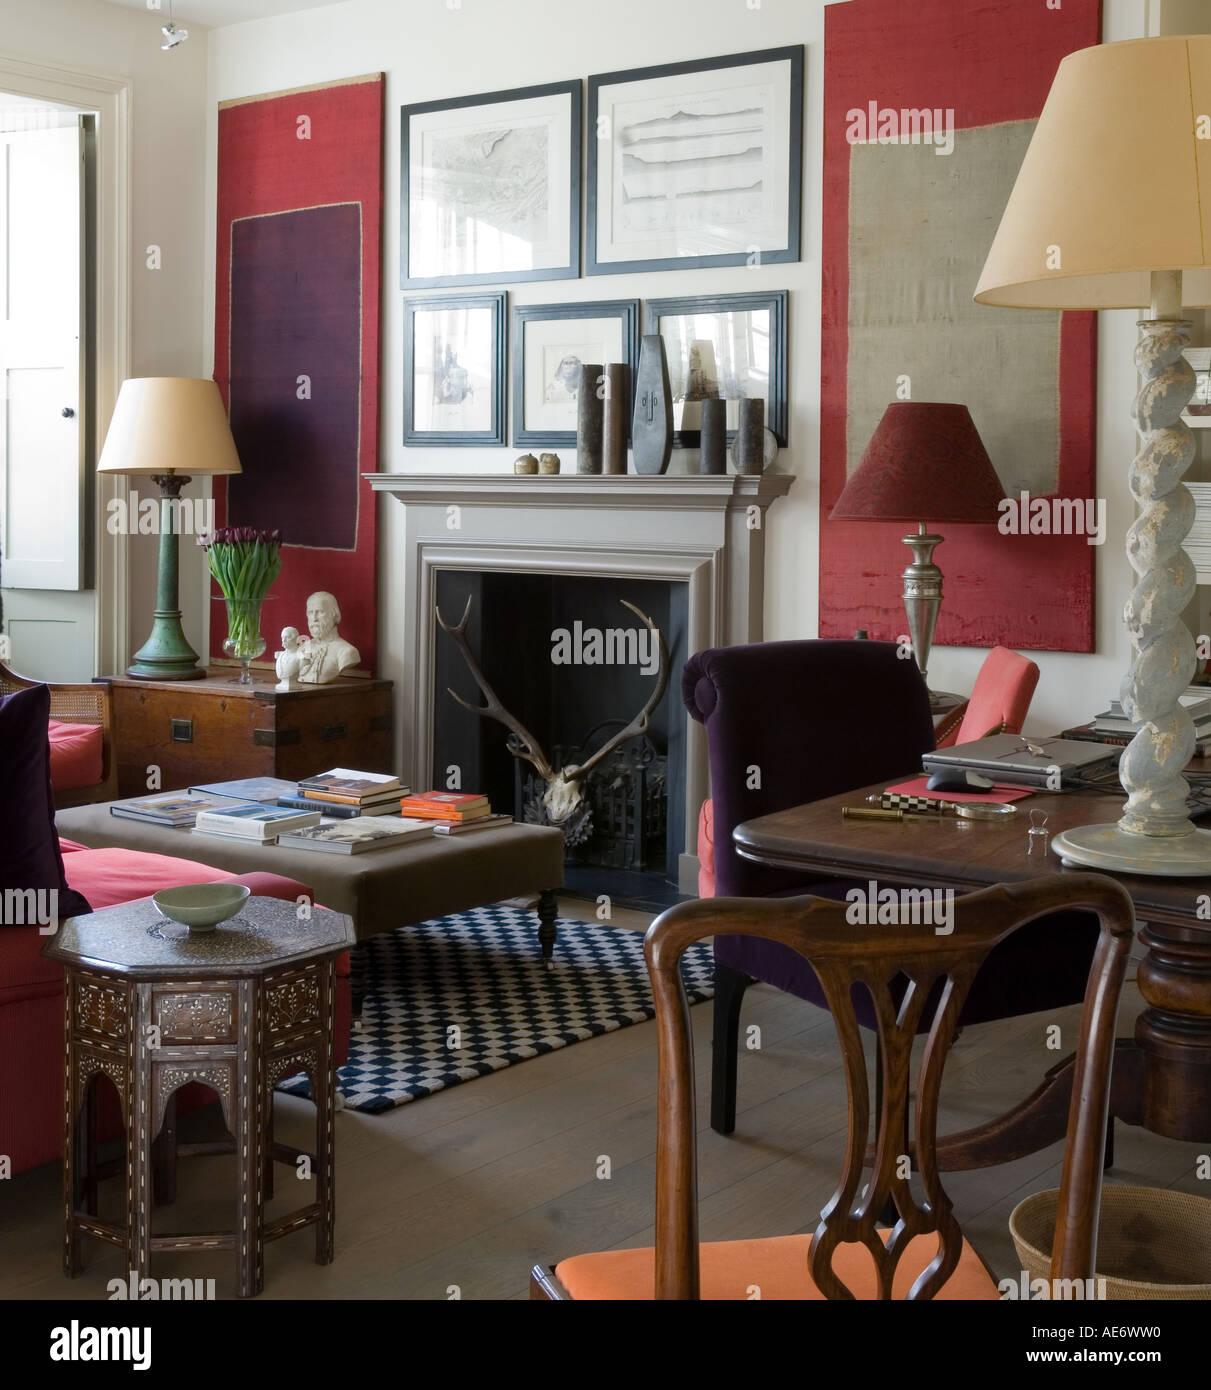 Elegantes Wohnzimmer mit Prints, Lampen und osmanischen Stockbild